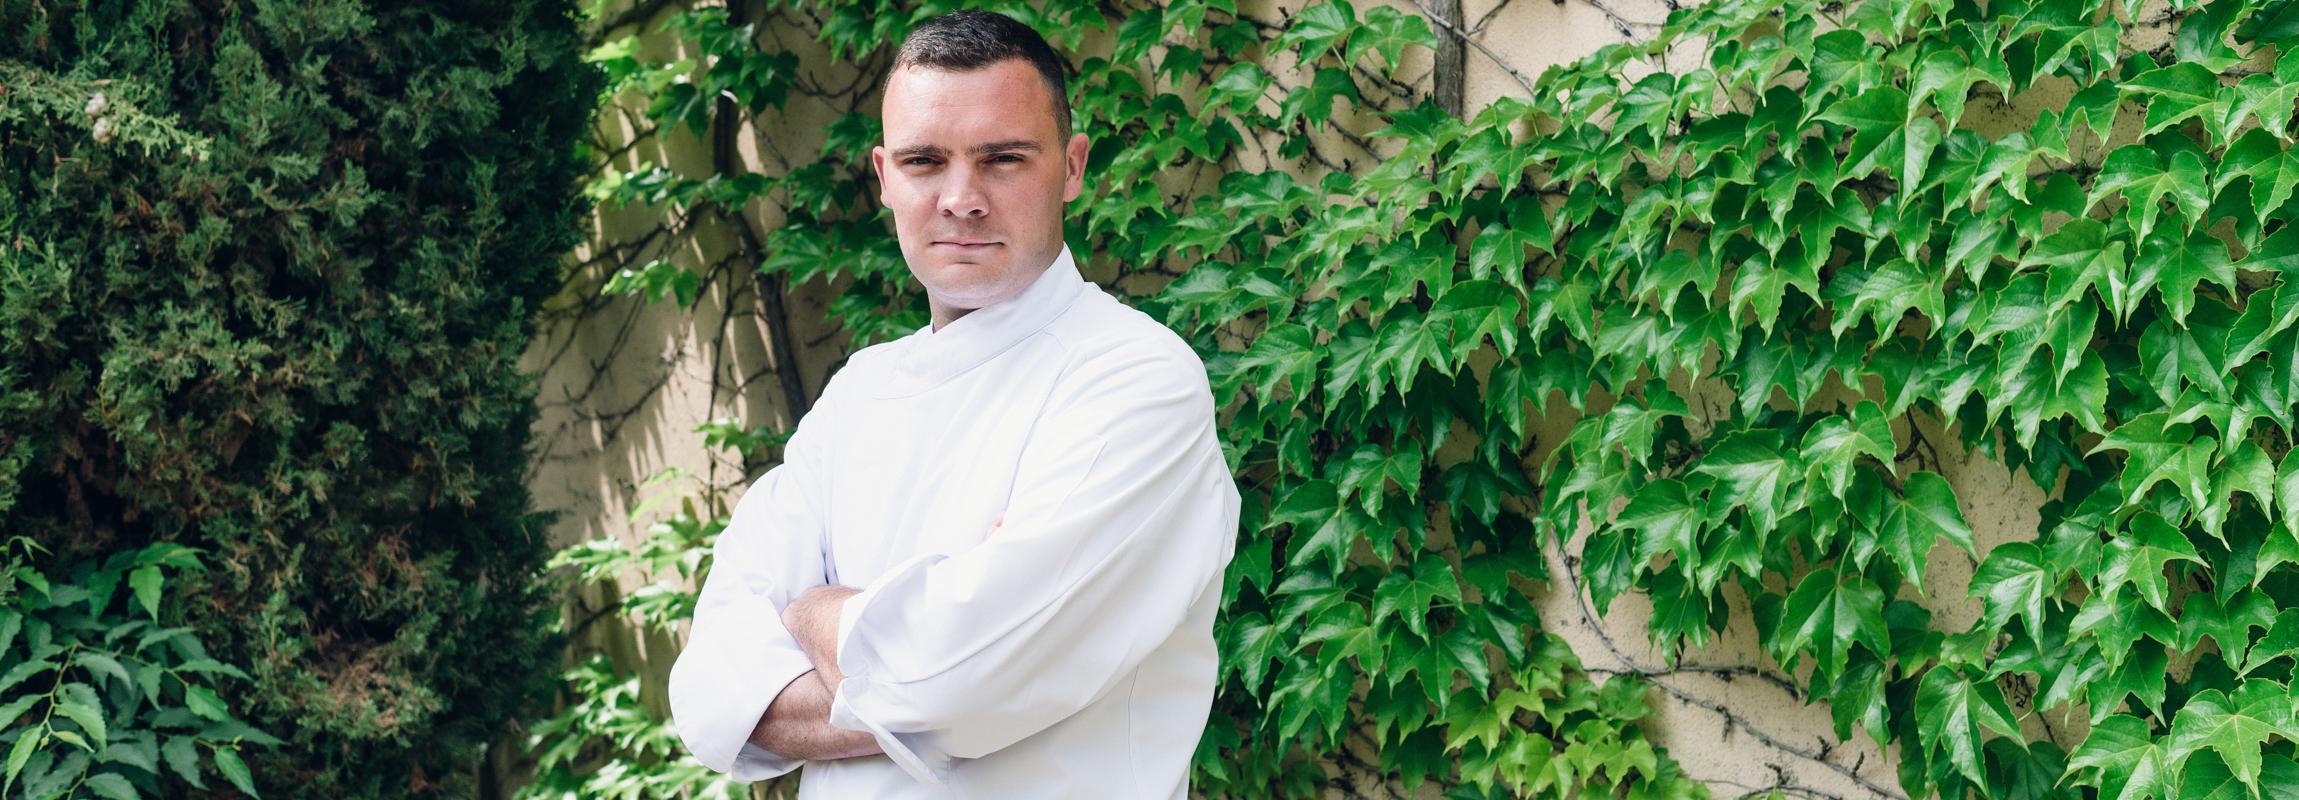 Le chef des deux restaurants de l'Hôtel Château de Montcaud (Provence) se trouve ici devant l'ancien pigeonnier du domaine du sud de la France. C'est là que se cache son studio de création.